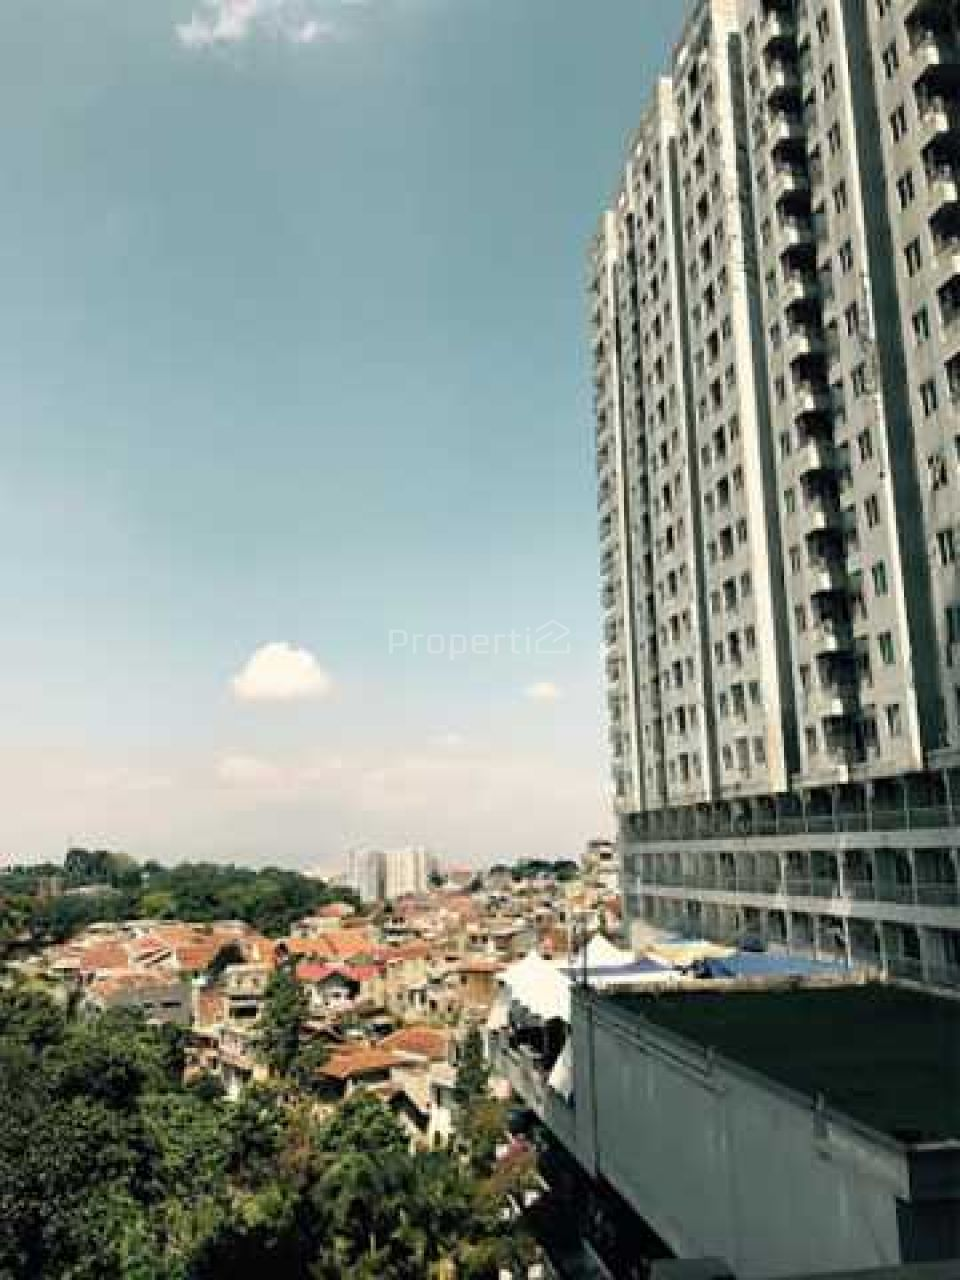 Exclusive Apartment Unit at Galeri Ciumbuleuit 2, 31th Floor, Jawa Barat